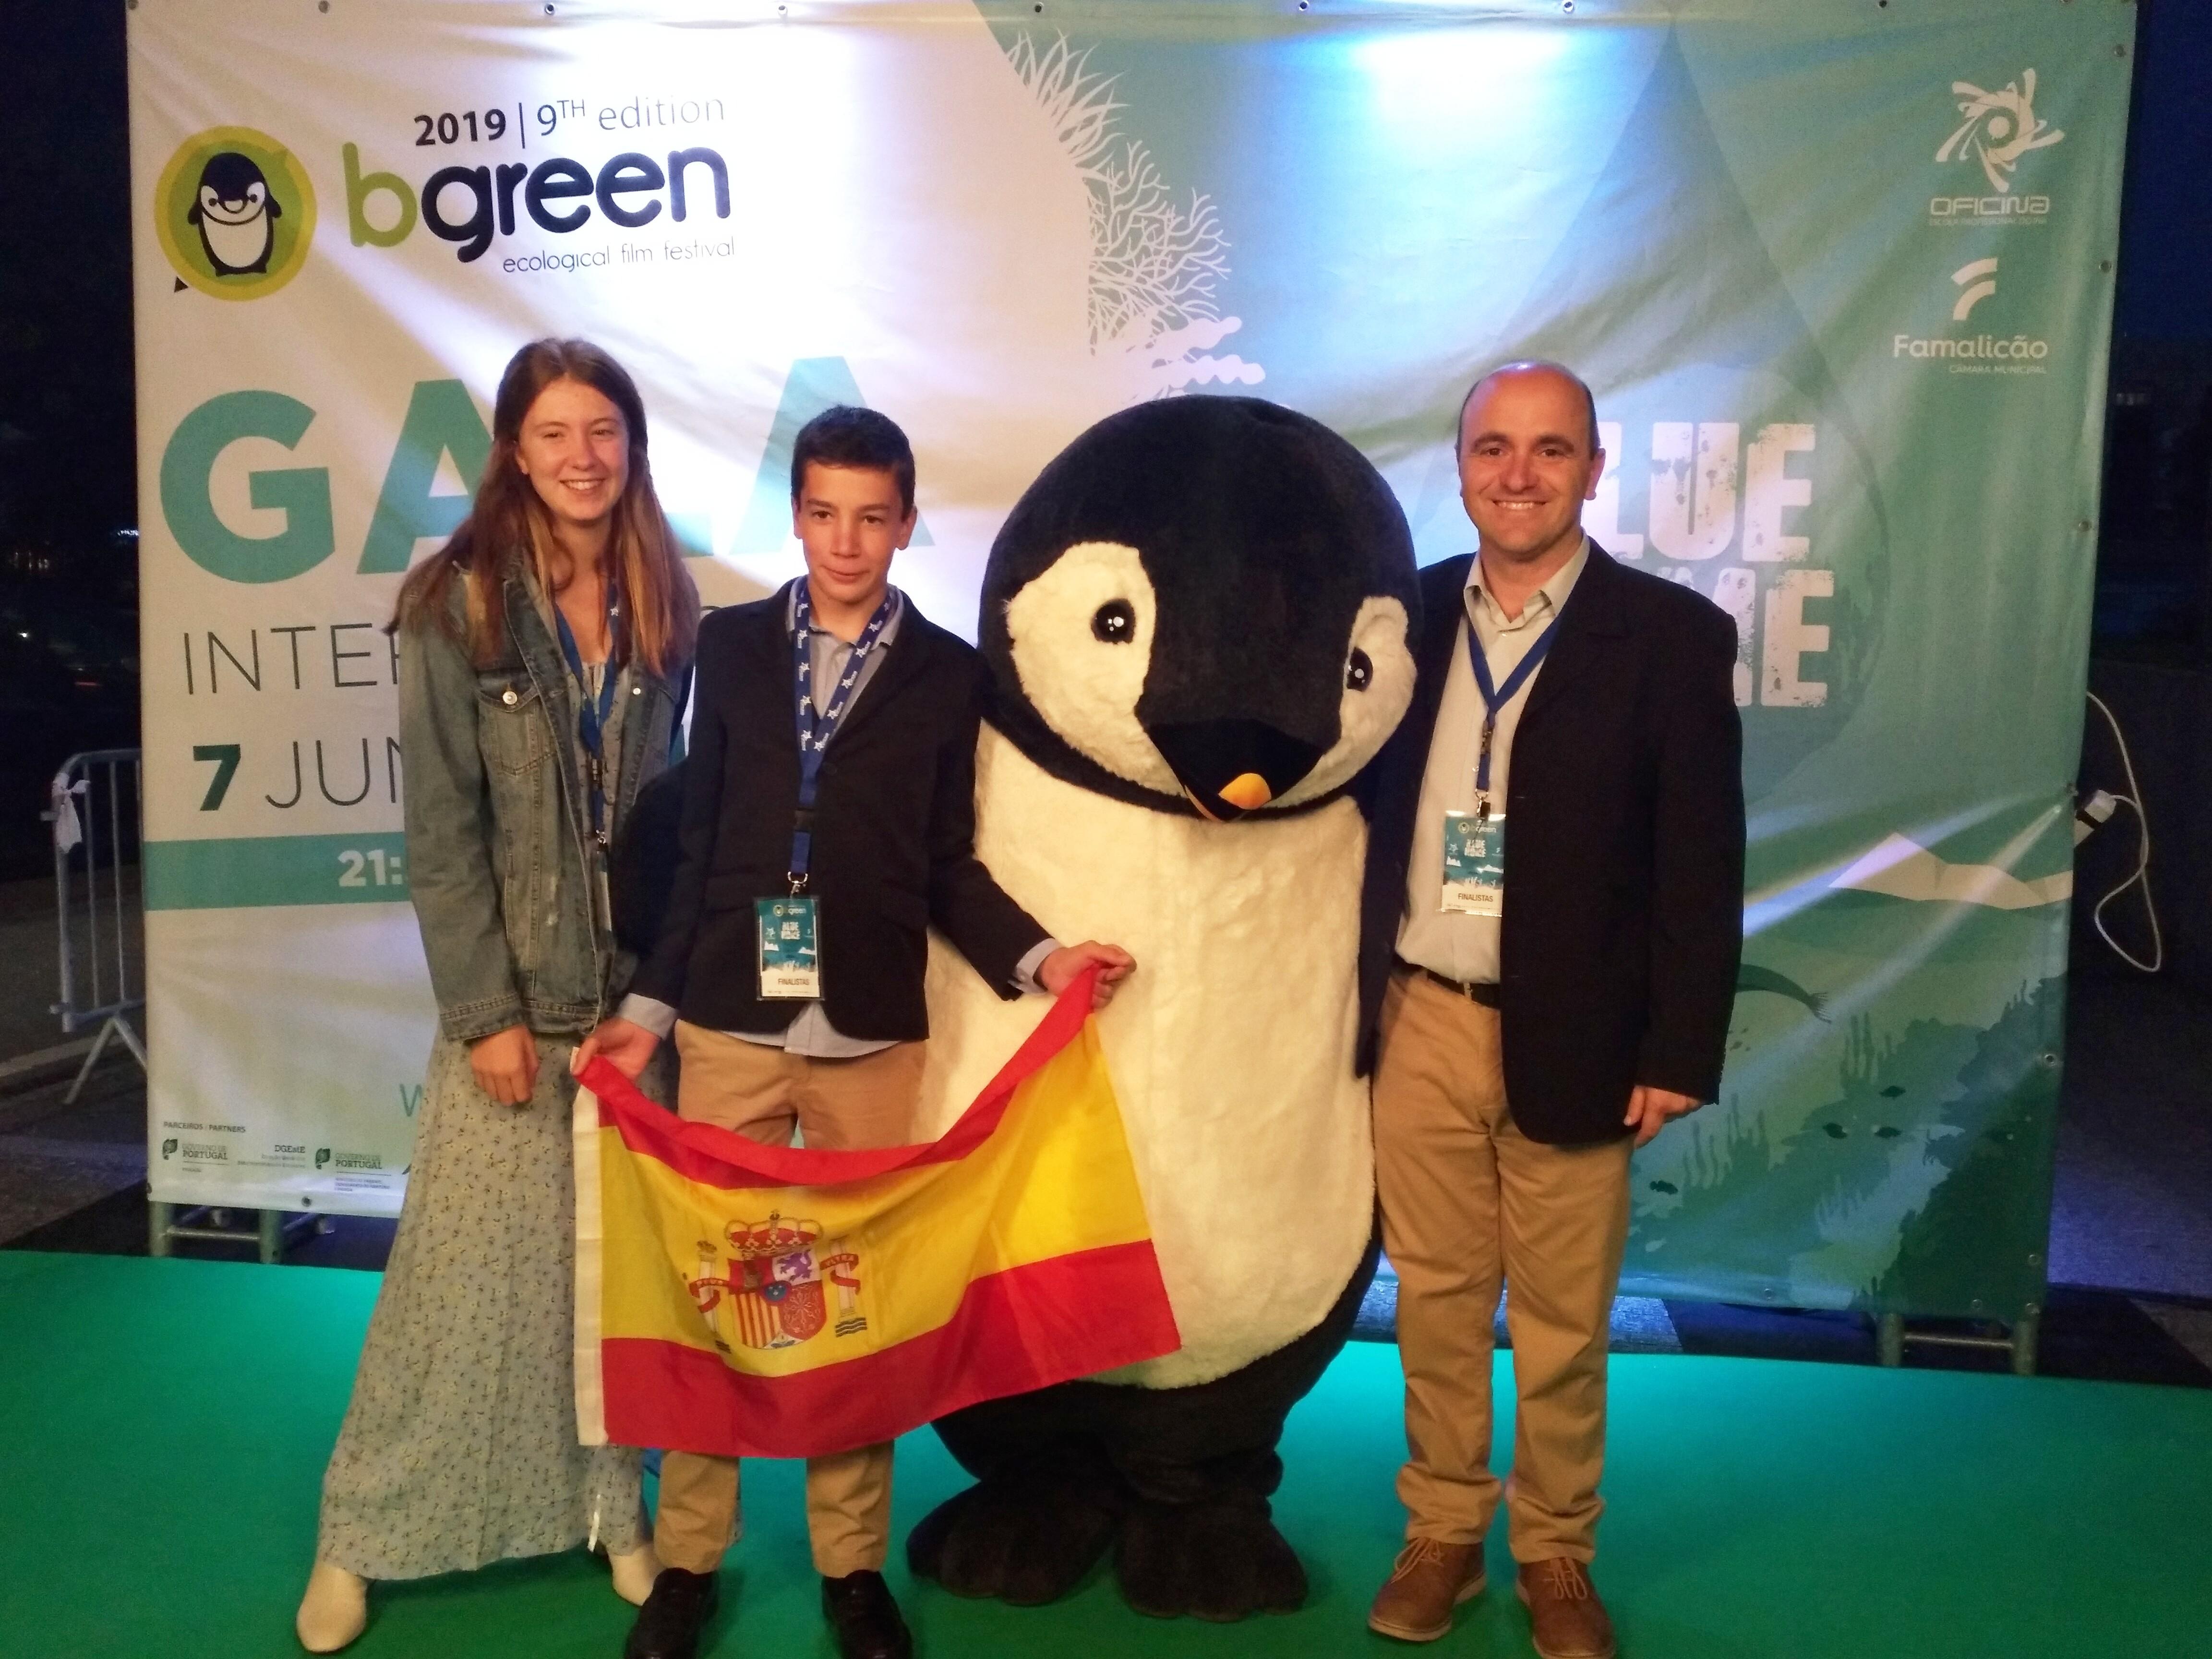 Finalistas no Bgreenfestival de Portugal